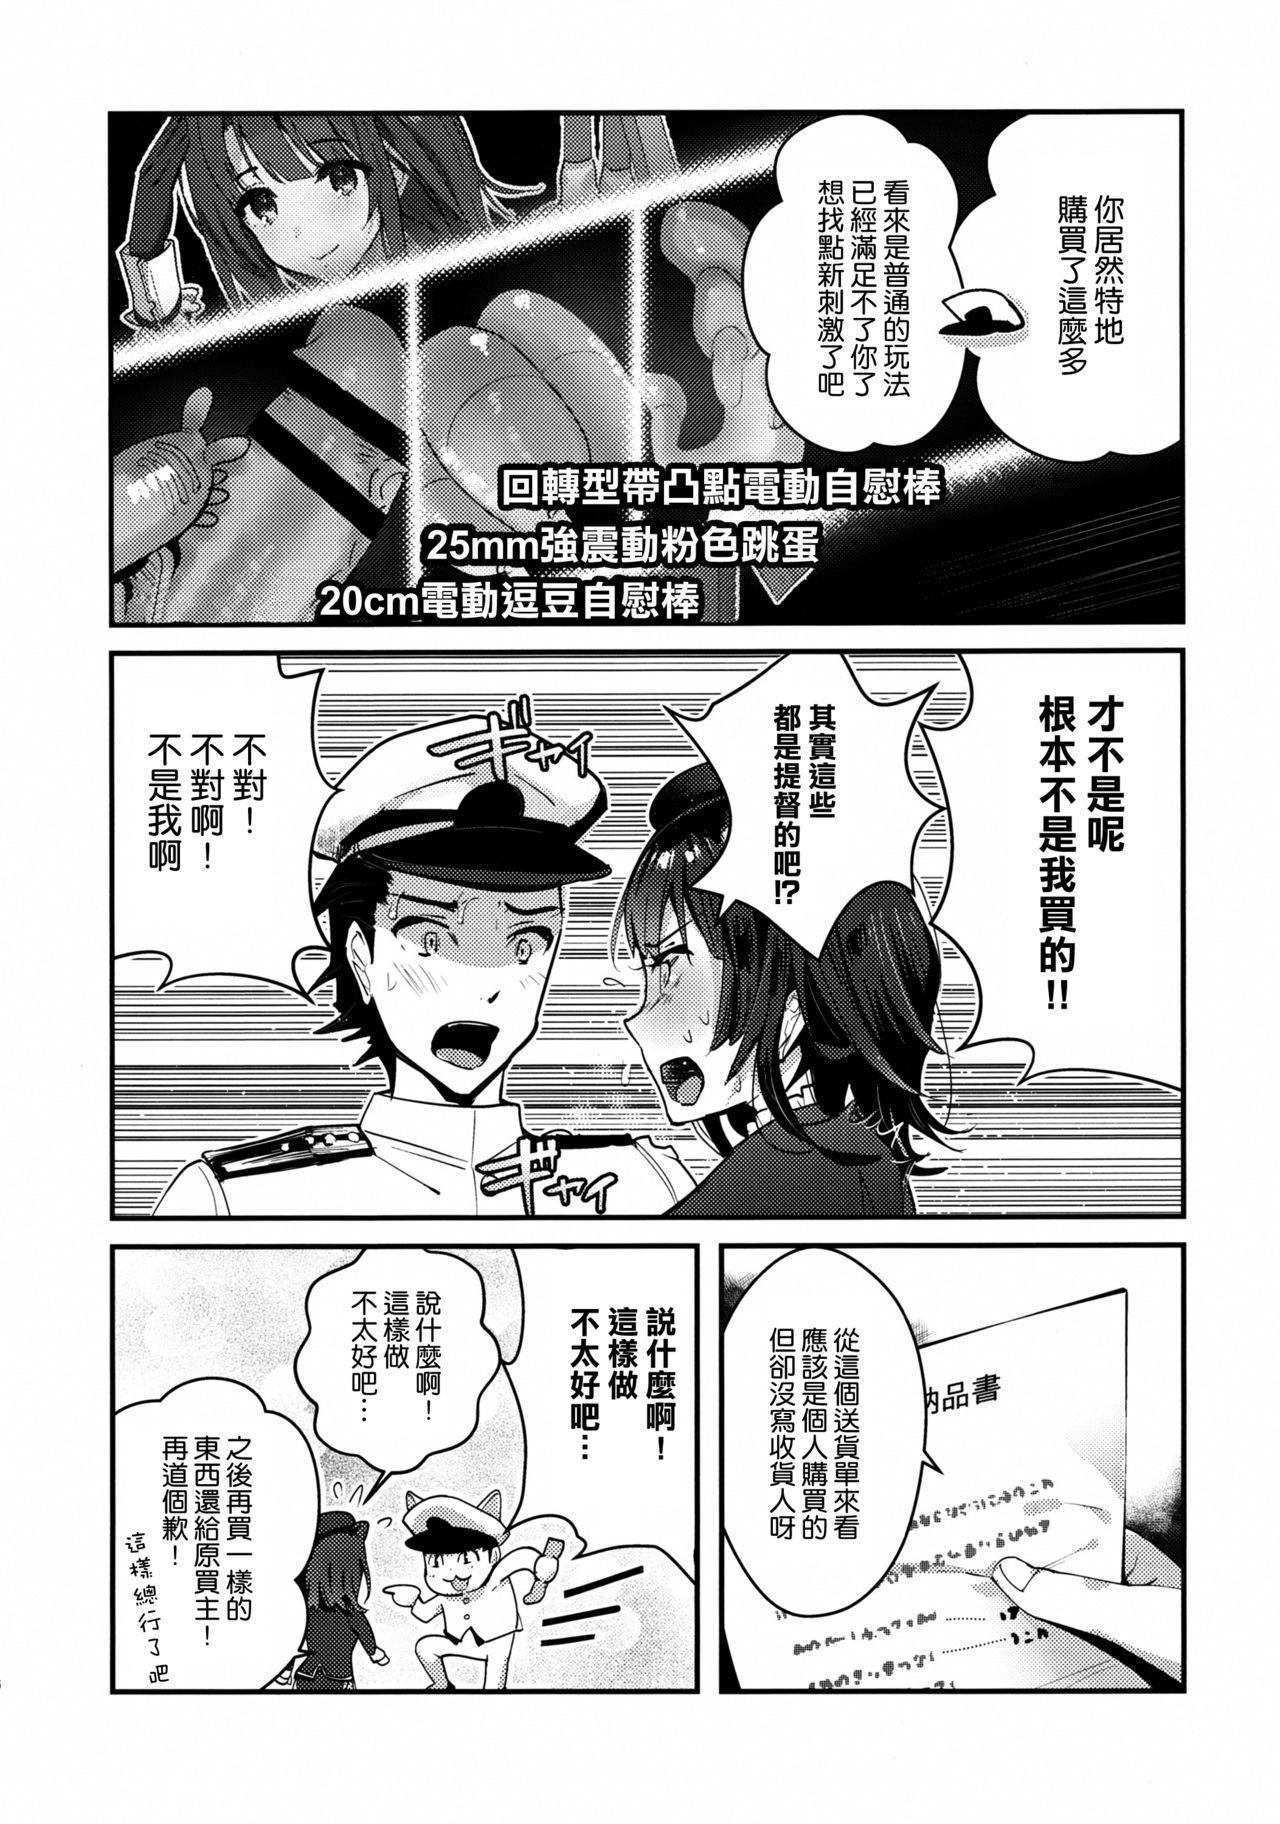 Binkan Takao Omocha Review Shite Miru? 5